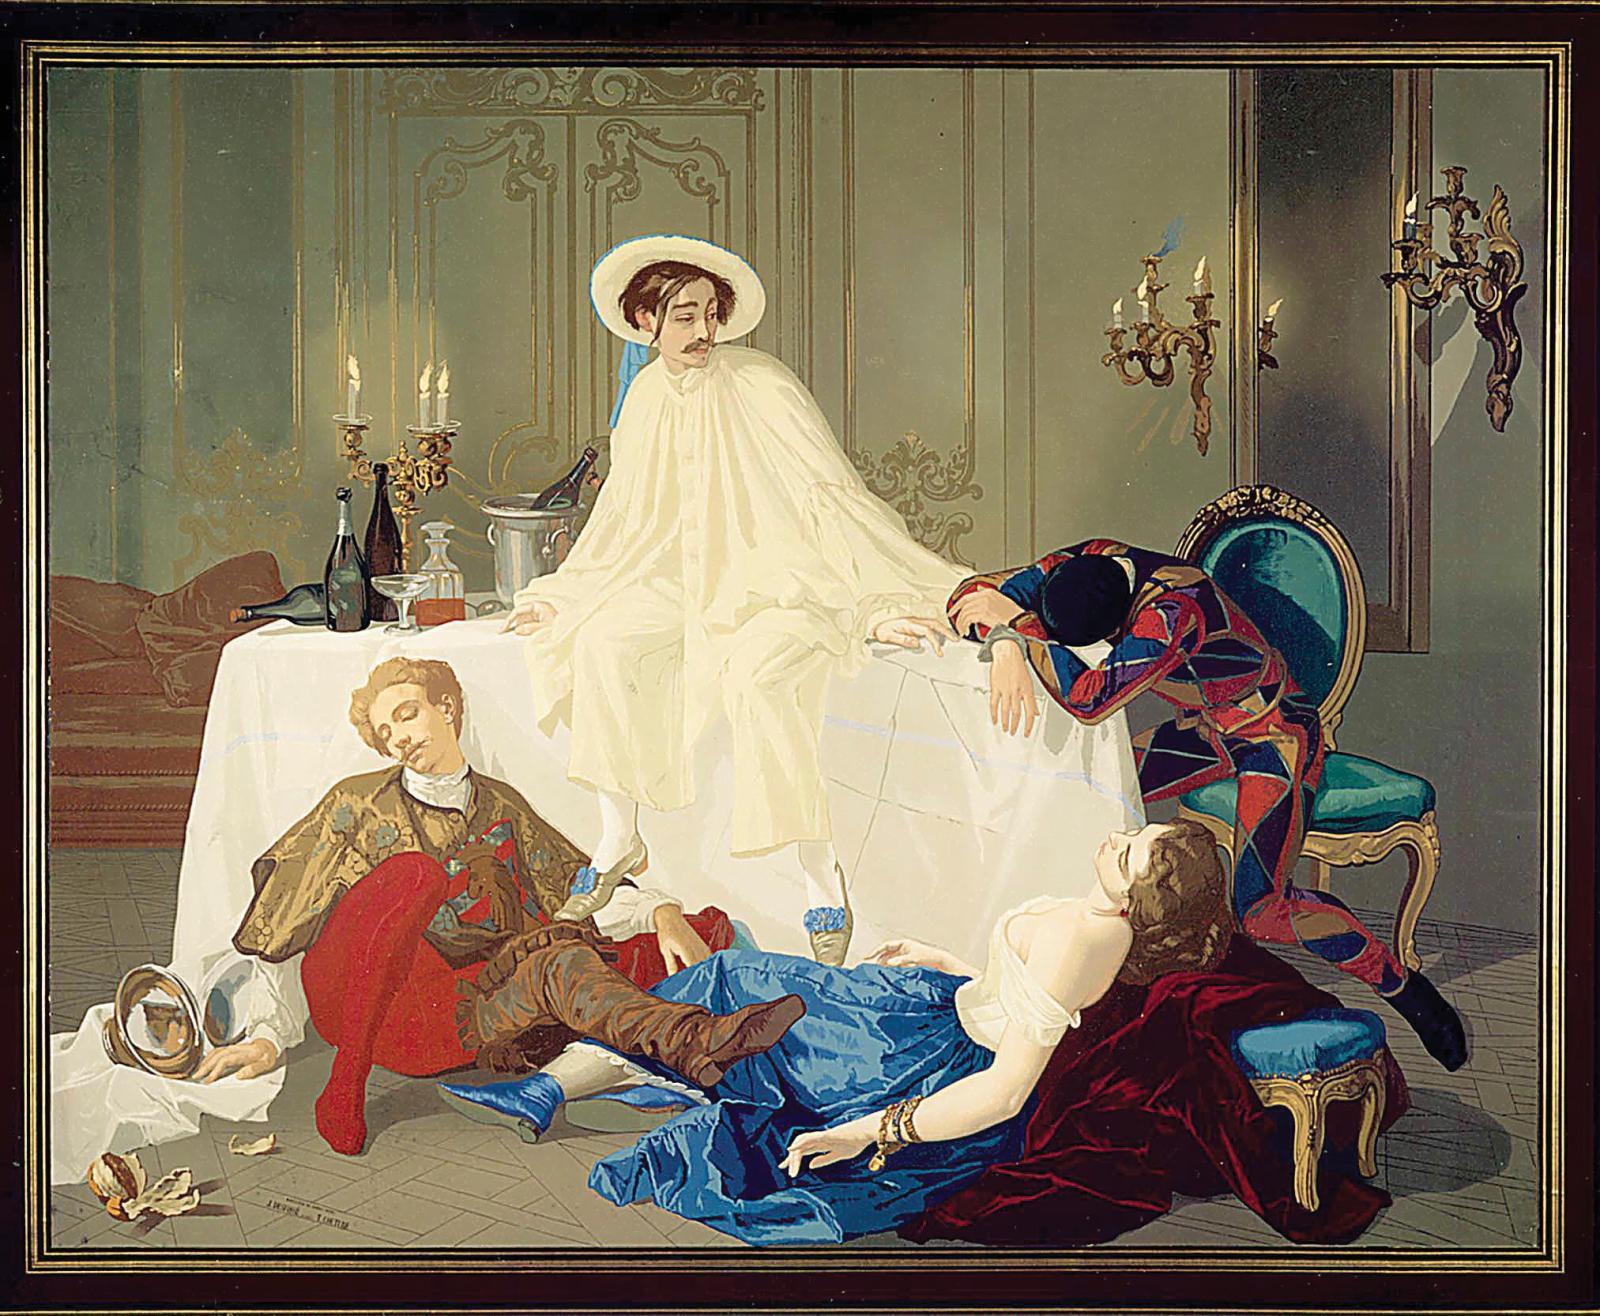 Le Souper de Pierrotdessiné par Thomas Couture, imprimé par Jules Desfossé et présenté à l'Exposition universelle de 1855.